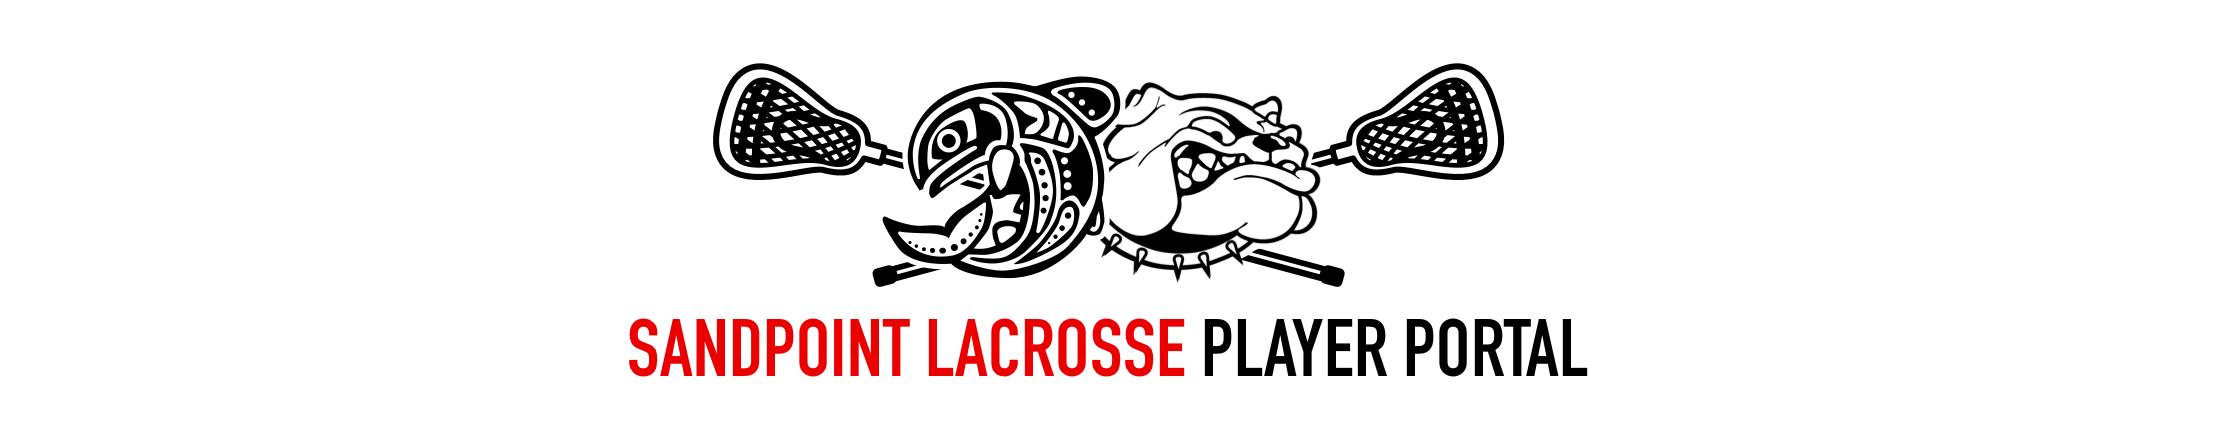 Sandpoint Lacrosse, Lacrosse, Goal, Field